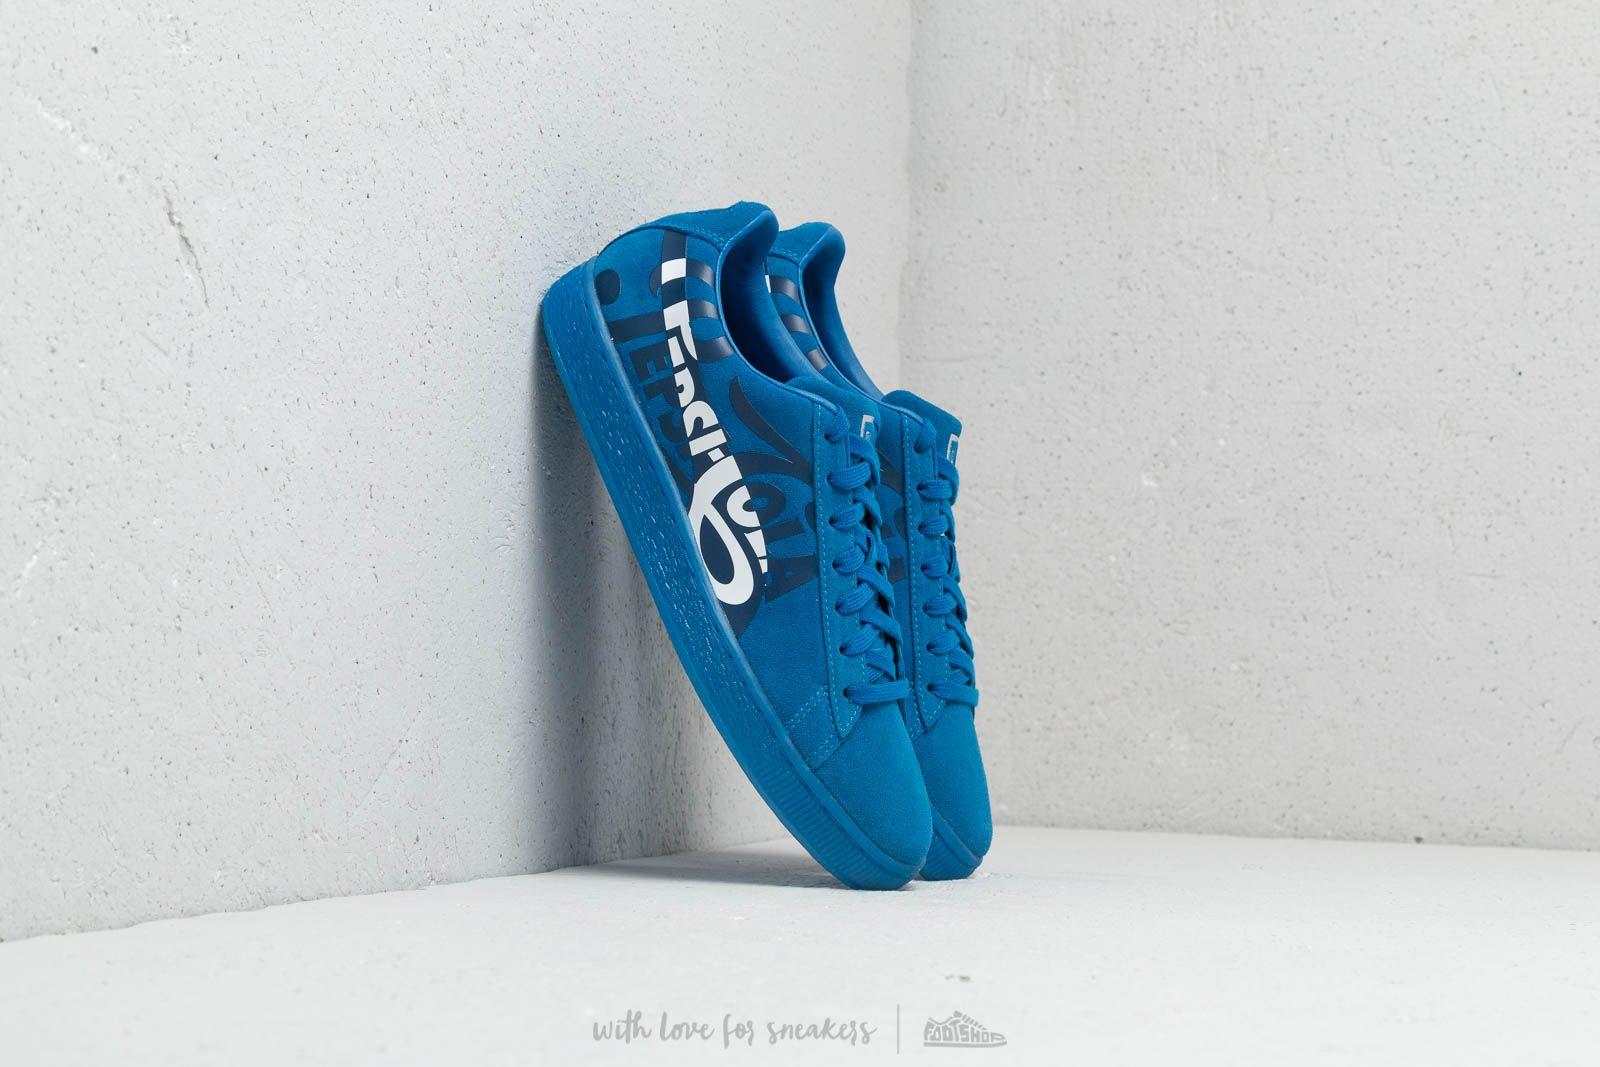 Puma x Pepsi Suede Classic Clean Blue/ Puma Silver za skvelú cenu 60 € kúpite na Footshop.sk